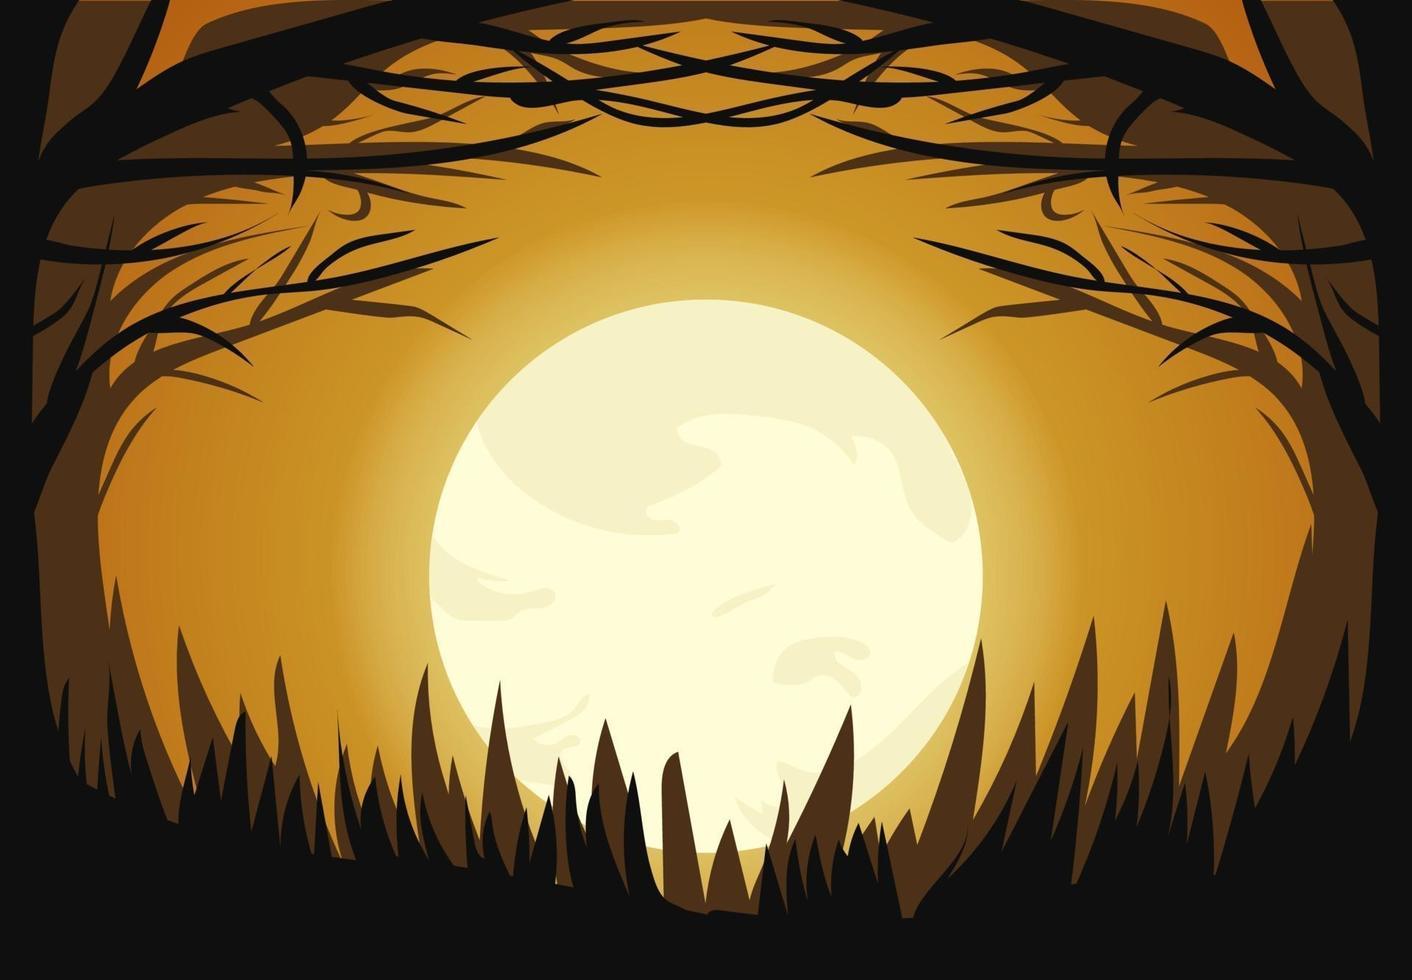 conception de forêt de lumière de lune sombre halloween vecteur